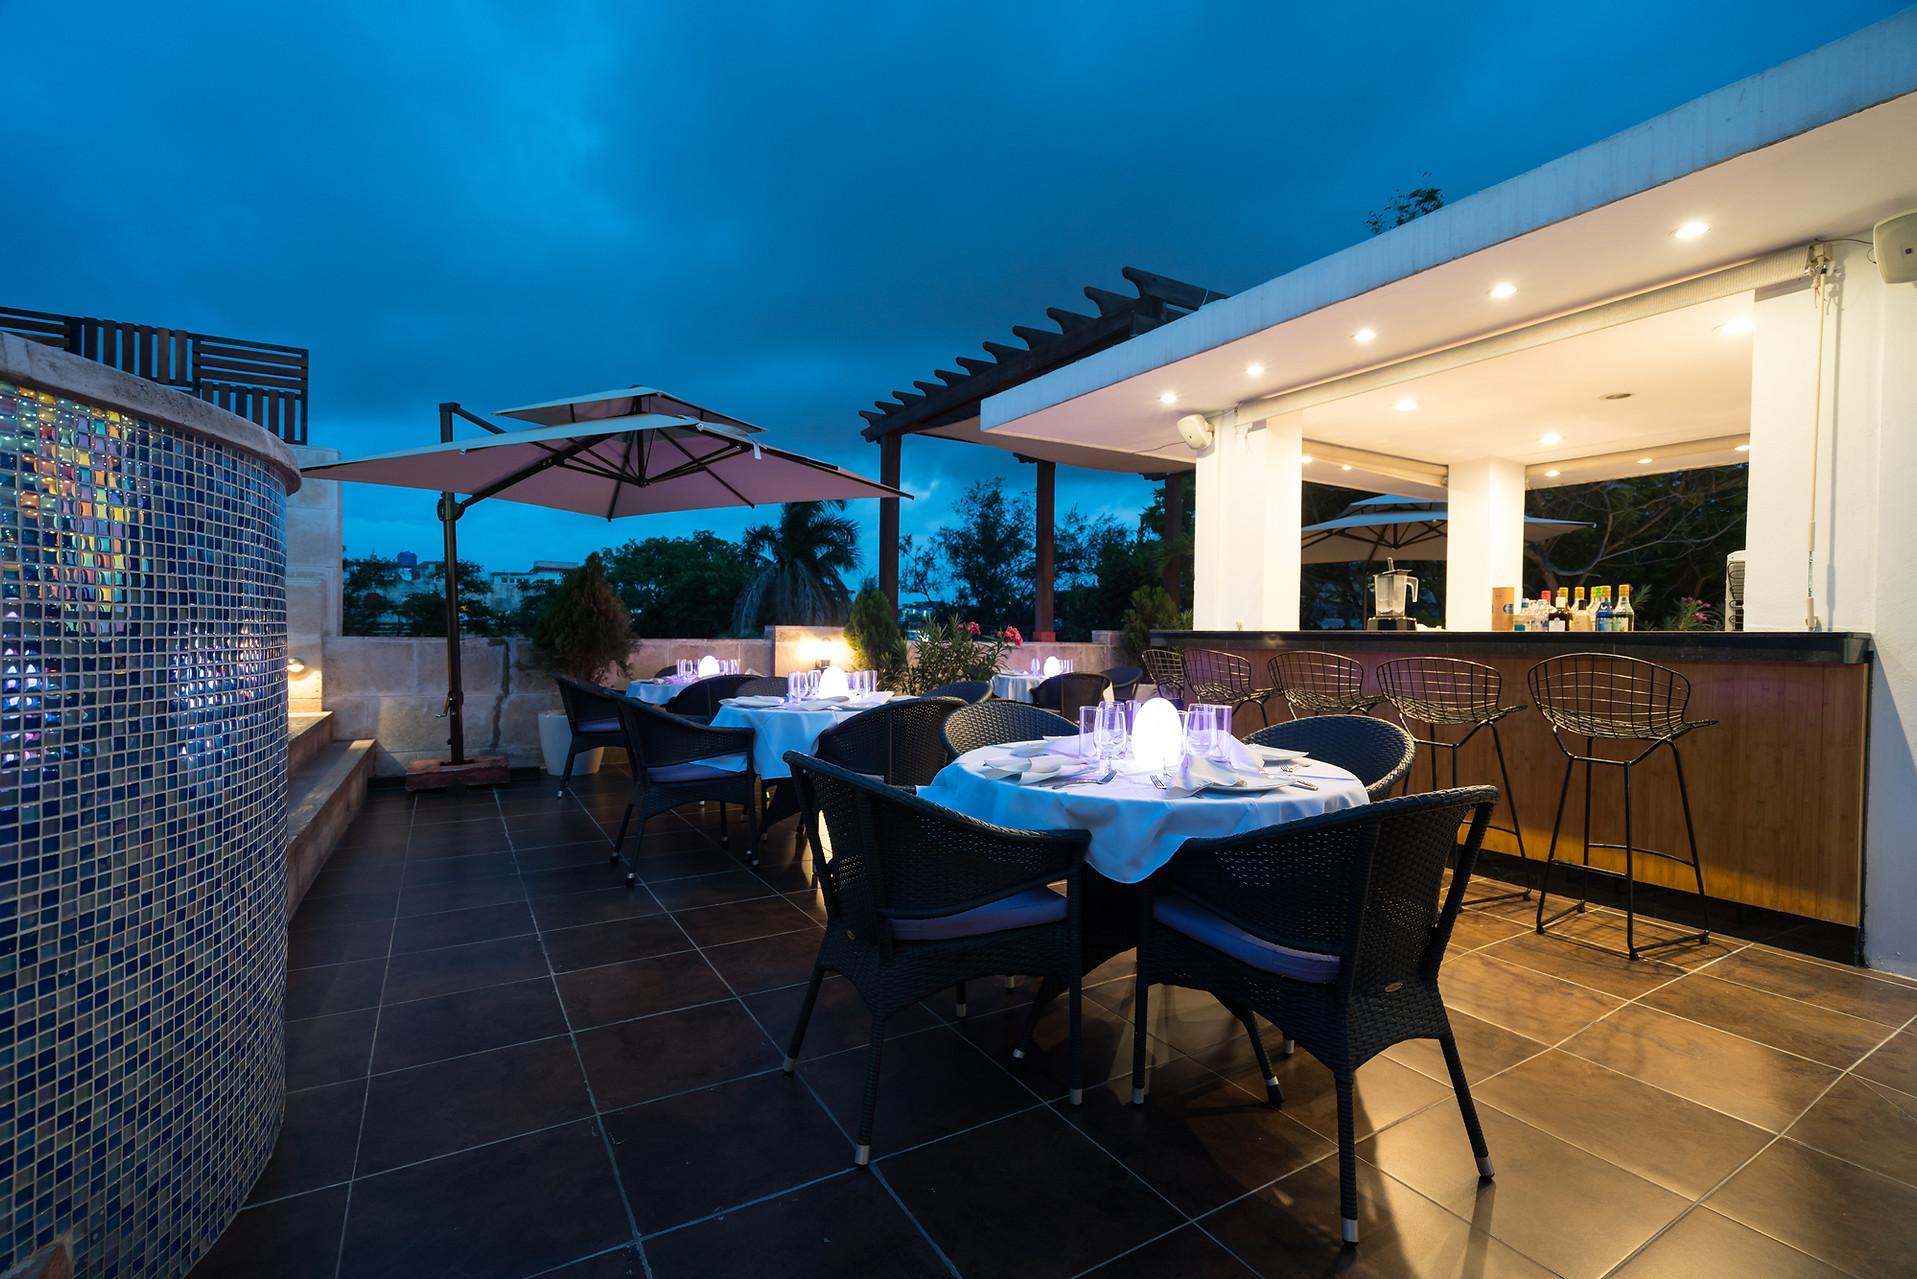 El Candil Boutique Hotel Rooftop Bar & Grill Havana Cuba